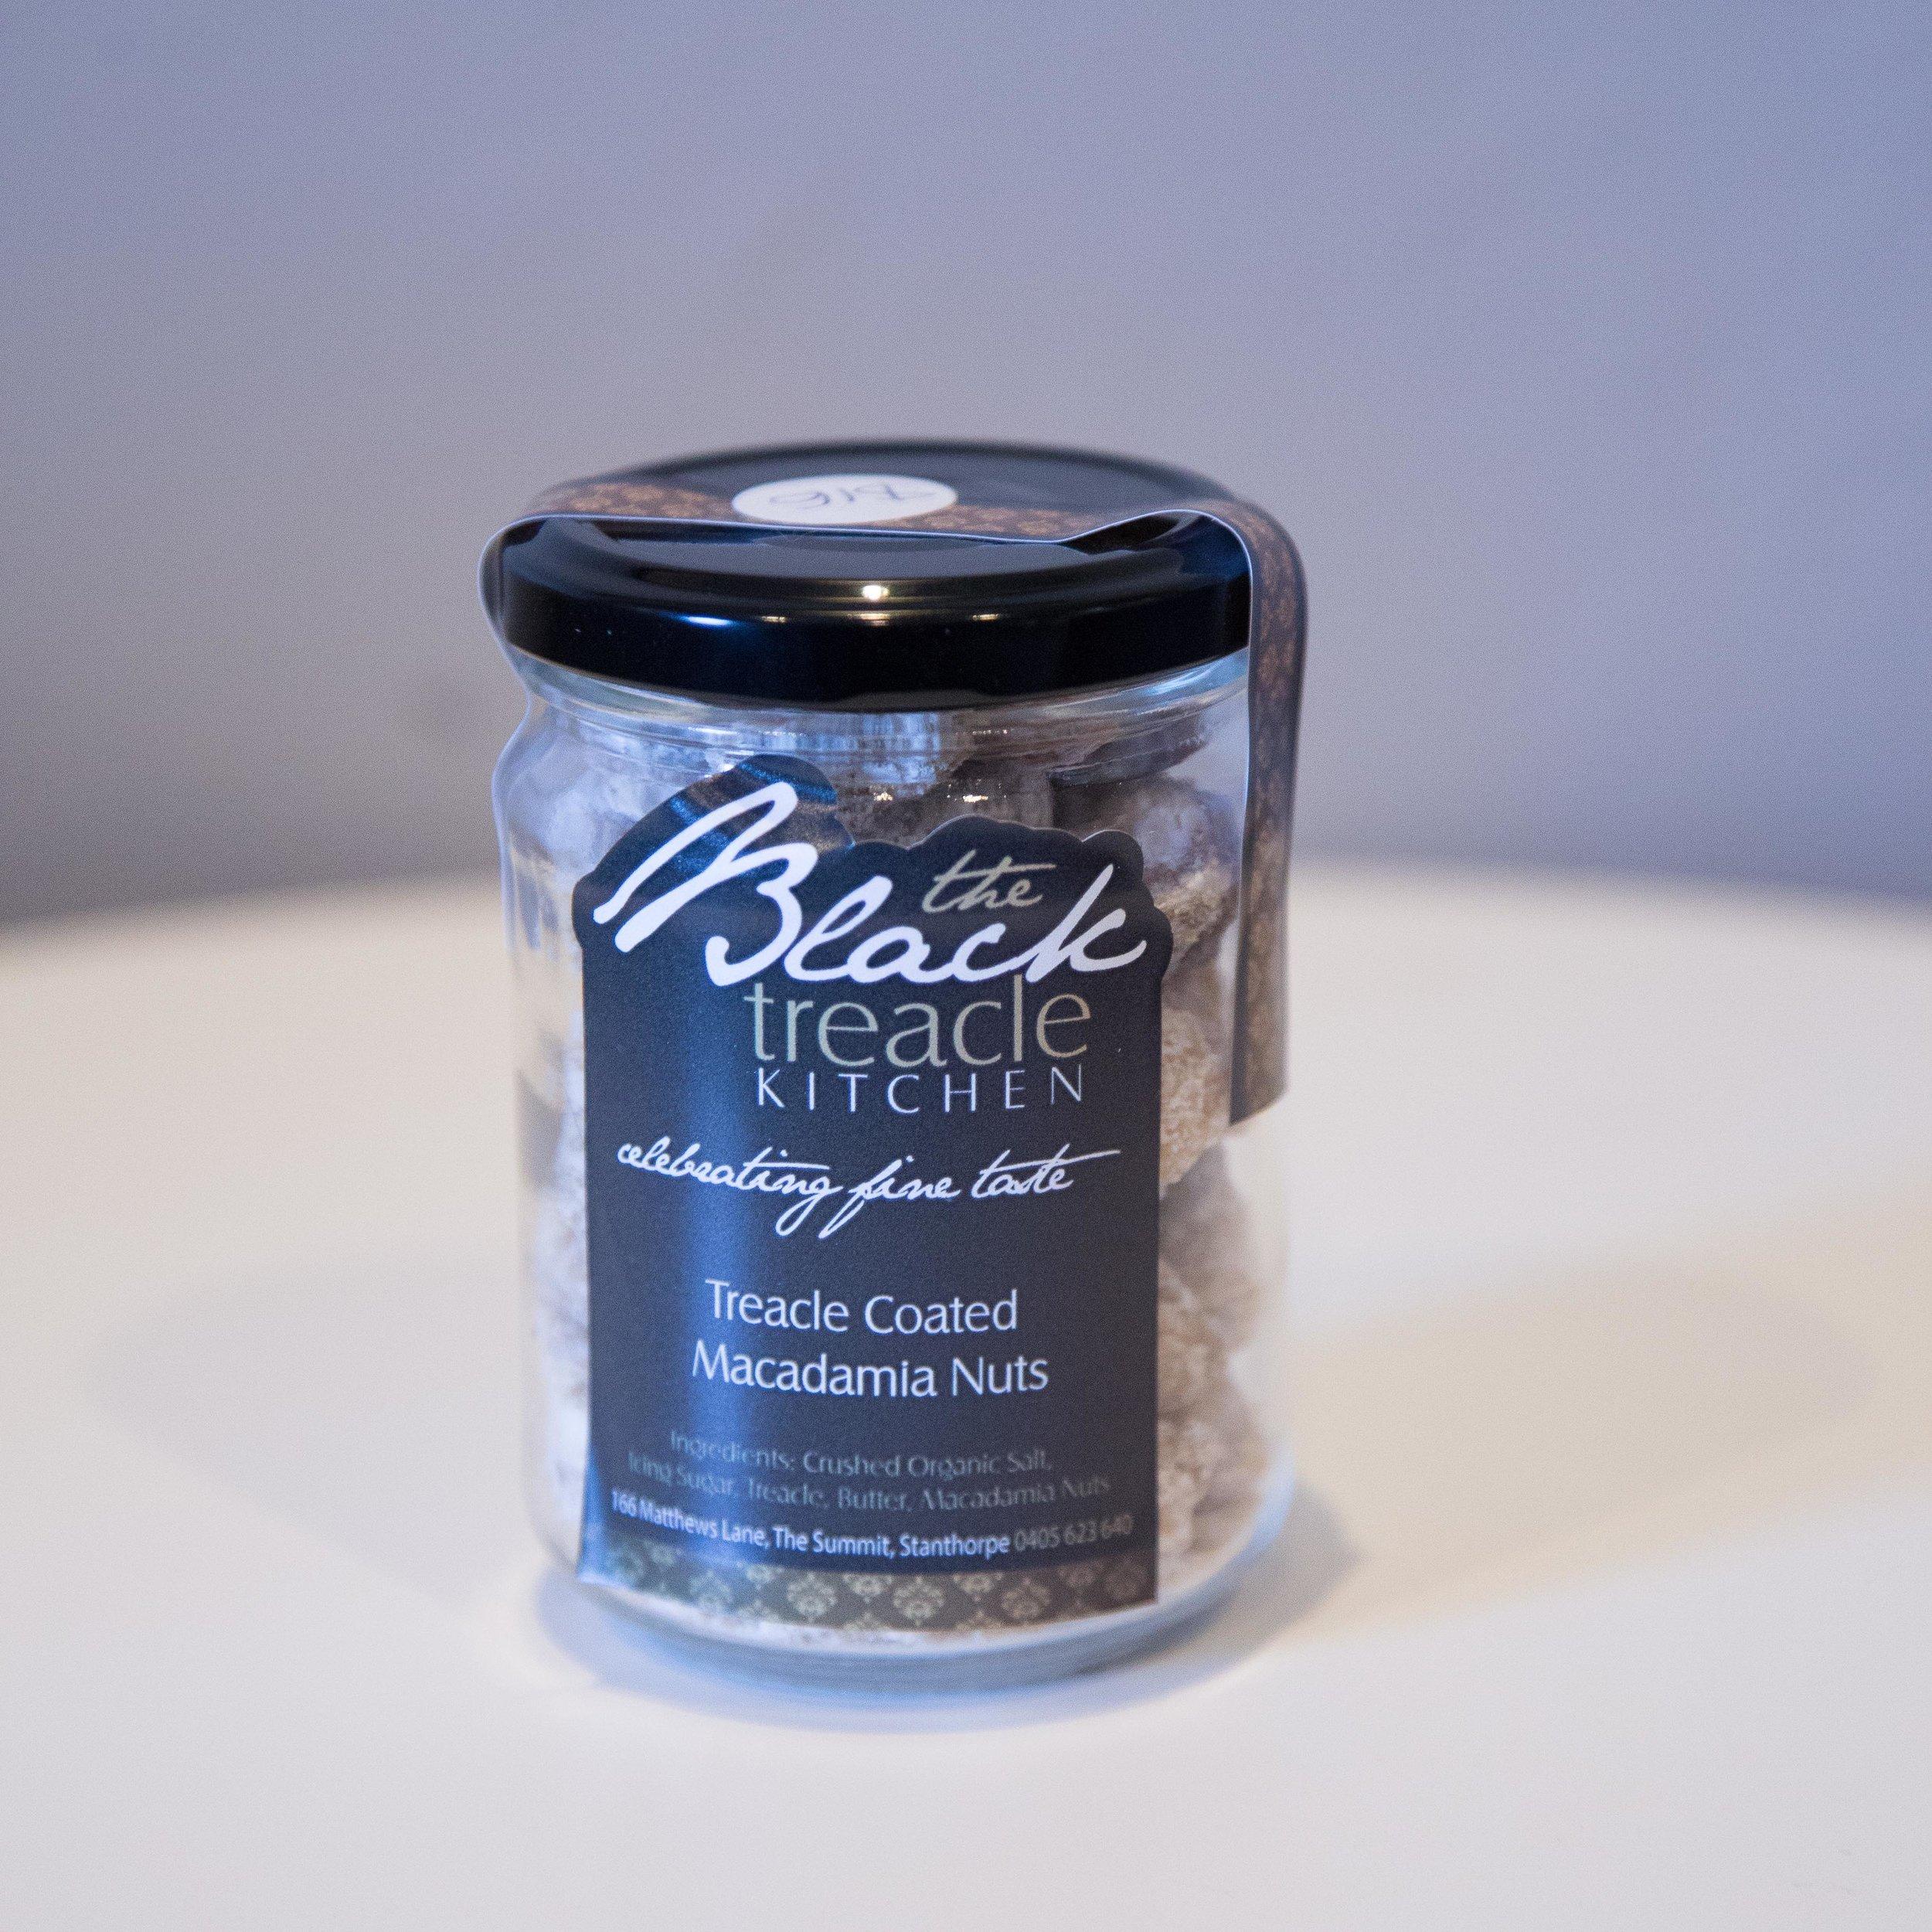 Black Kitchen Treacle Macadamia Nuts - $16